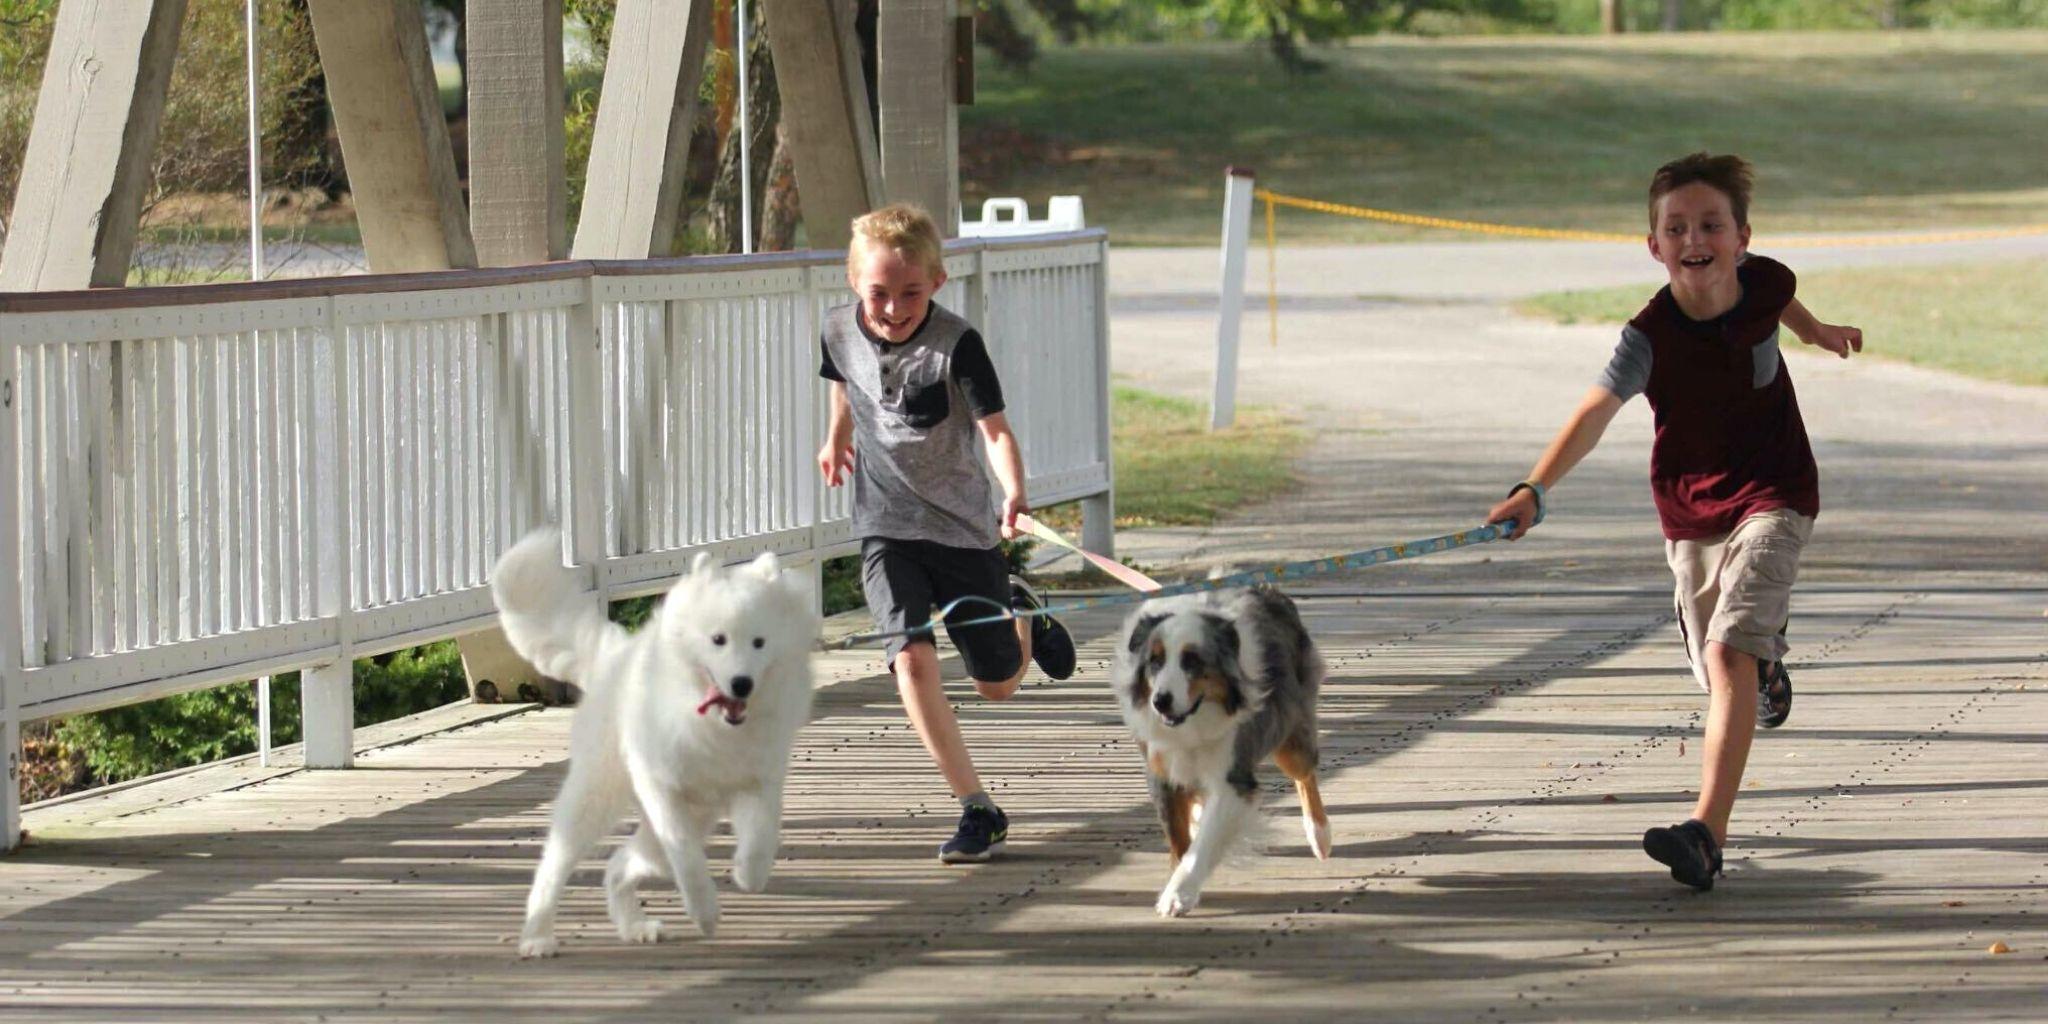 Družinski kviz o psih